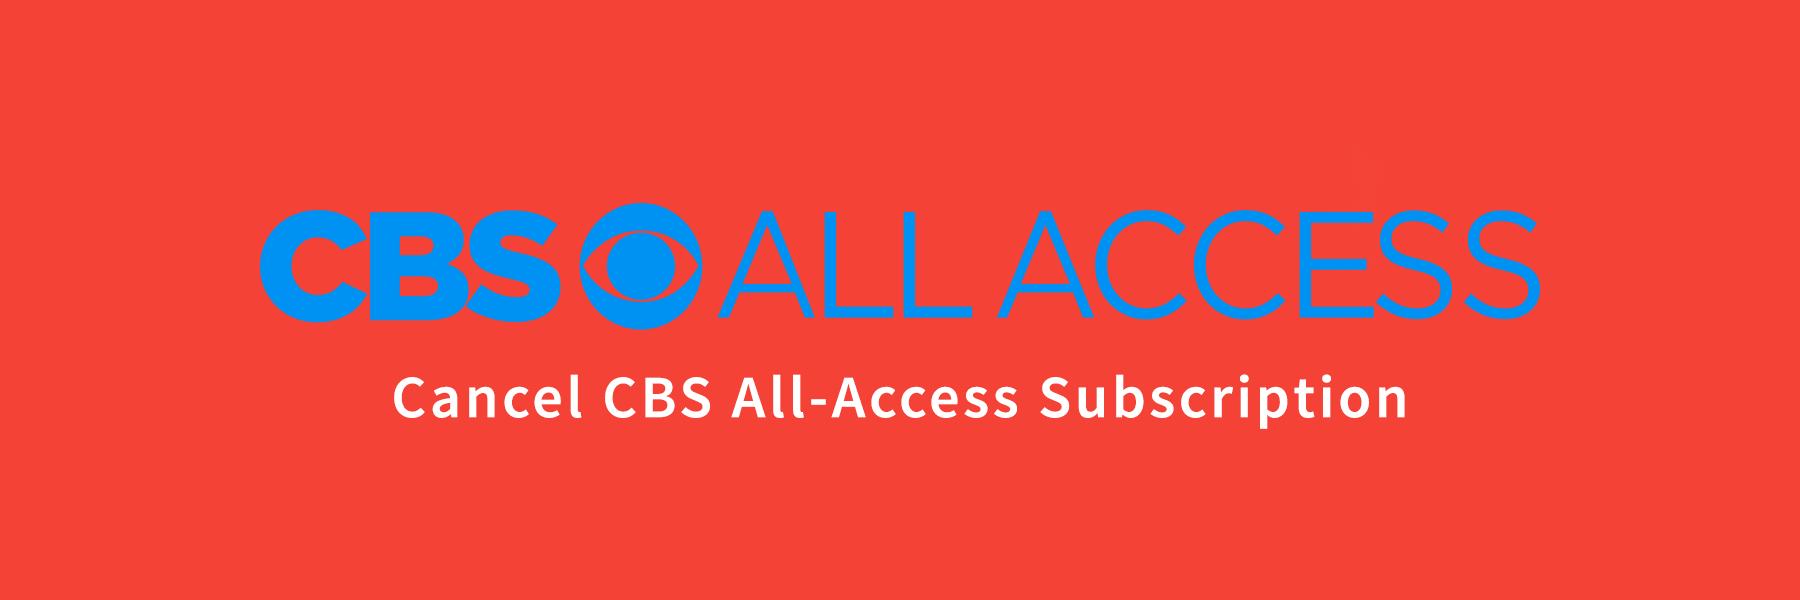 Cancel-CBS-All-Access-Subscription